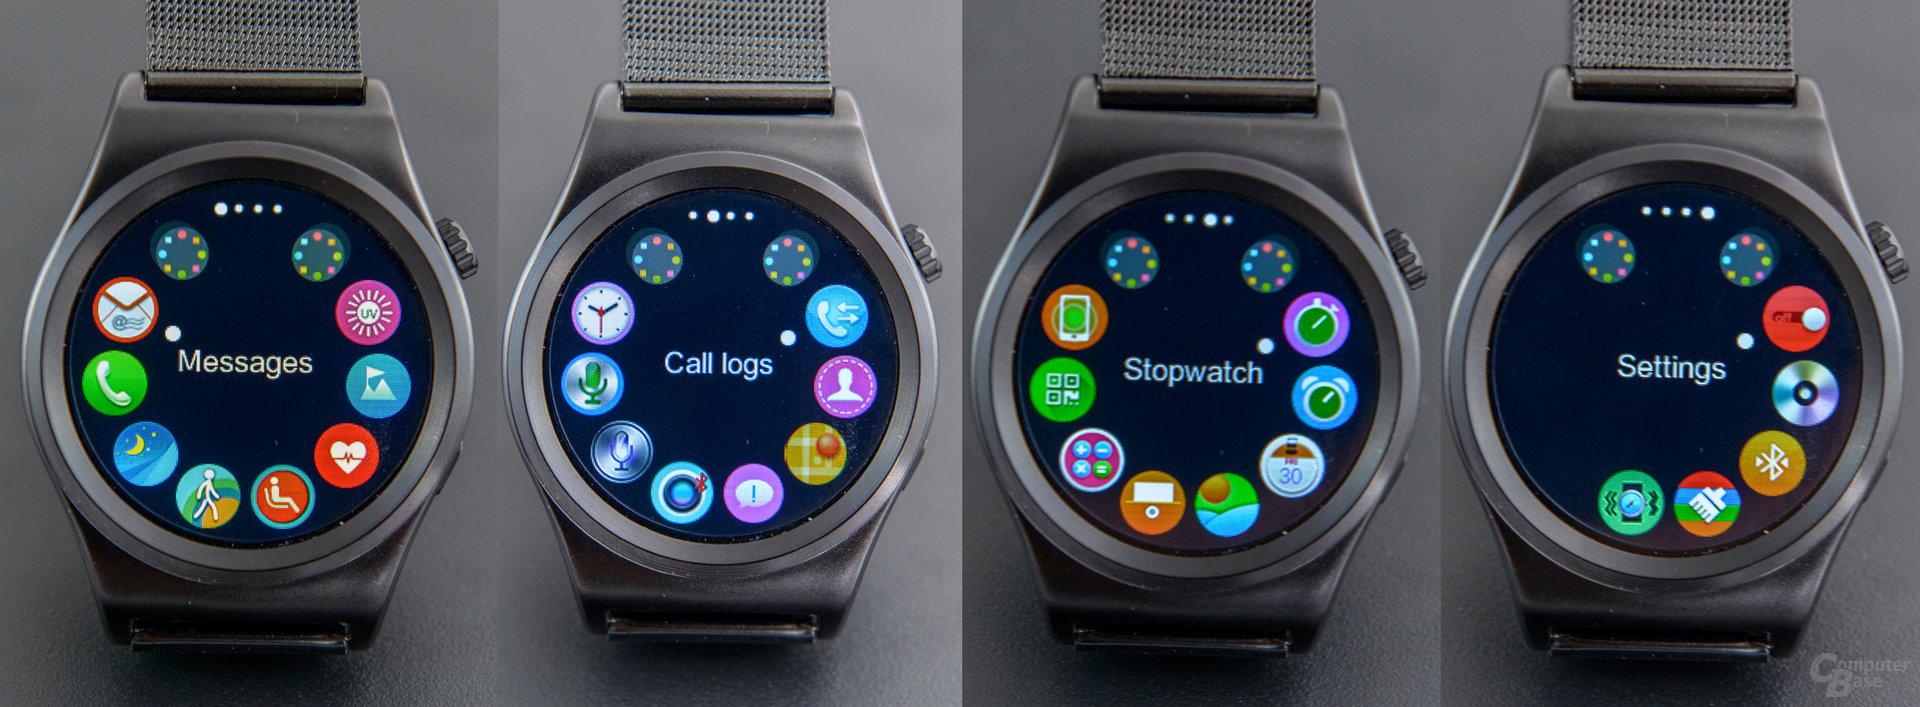 X10 Smartwatch Benutzeroberfläche